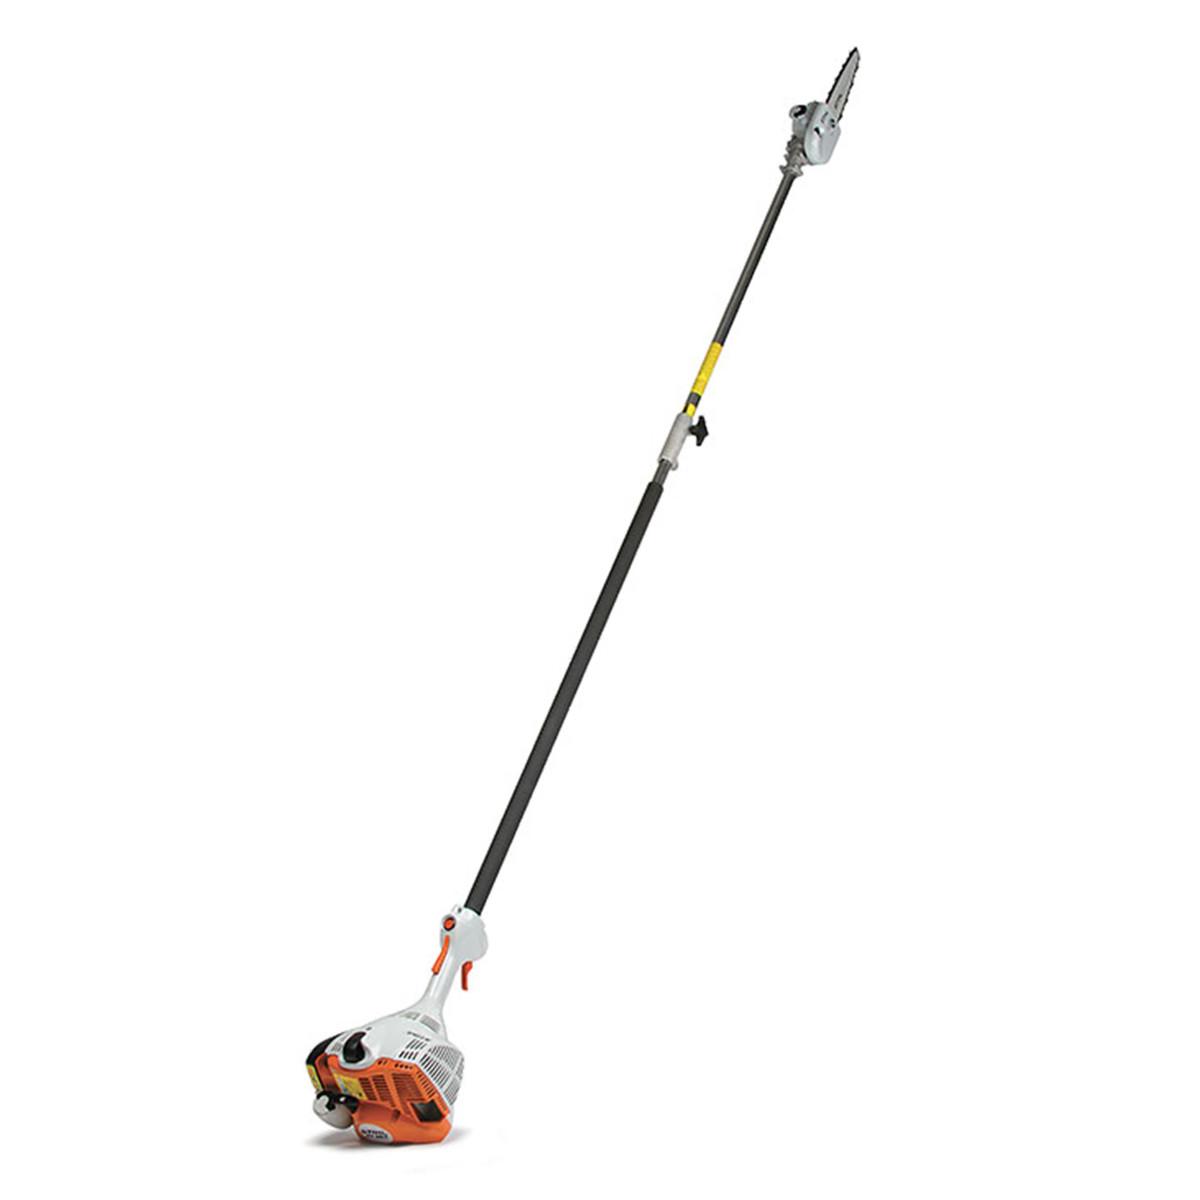 Stihl Consumer Pole Saw Ht56c E 932782